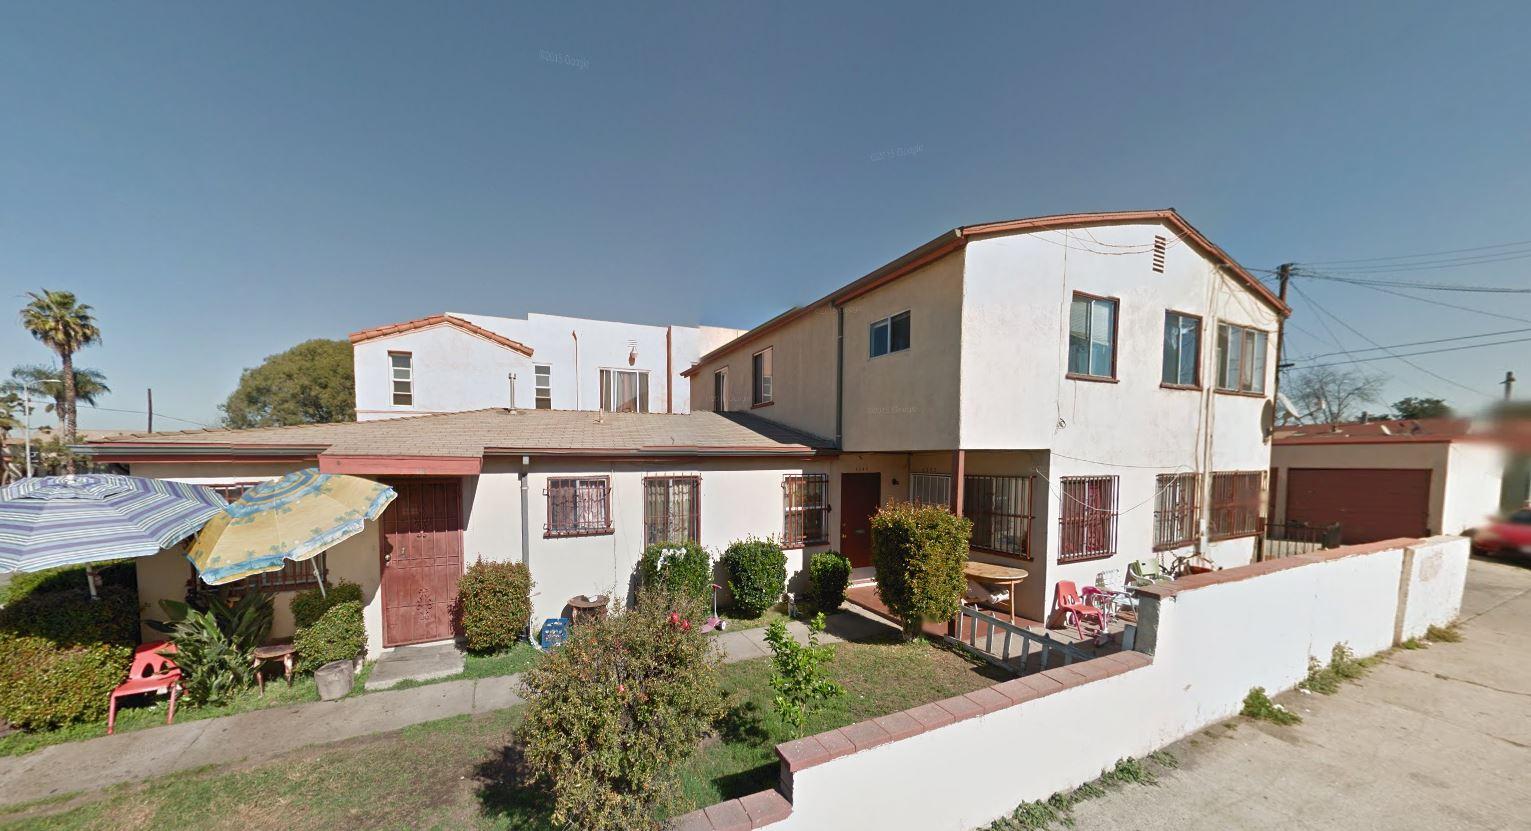 Los Angeles Apartment Rehab